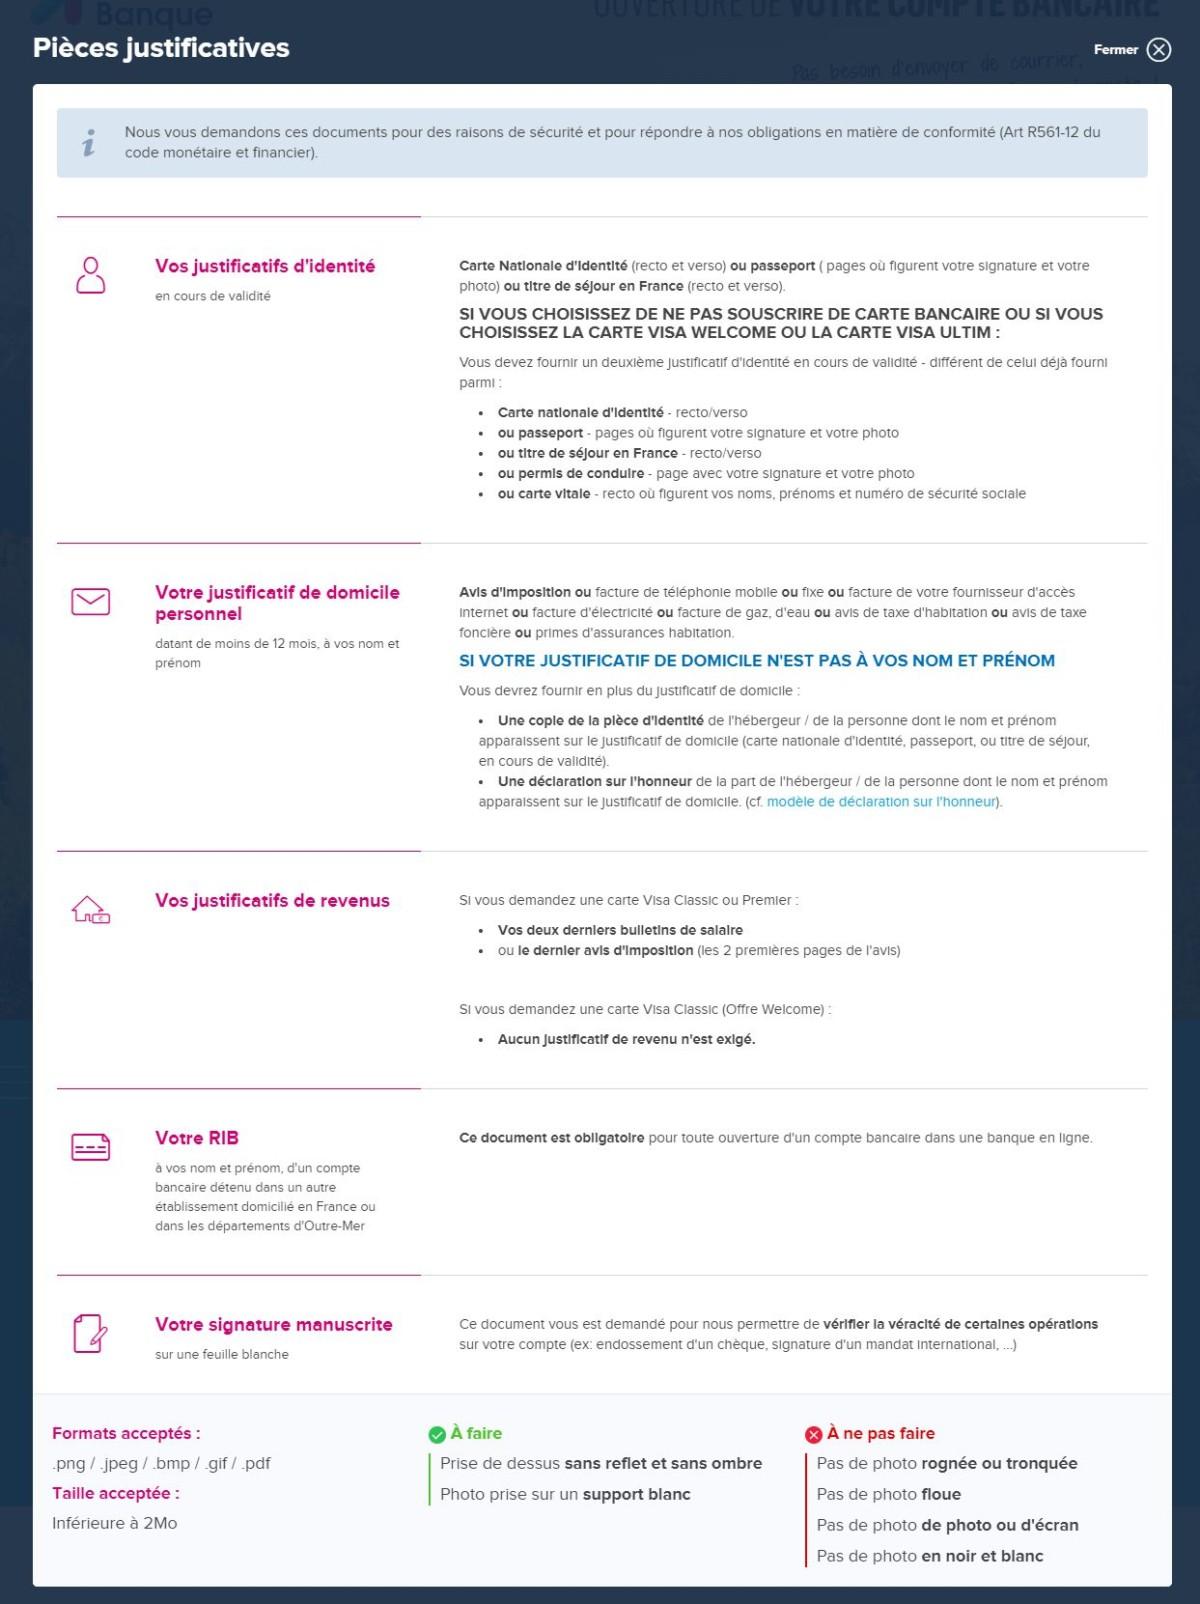 La liste des pièces justificatives nécessaires pour l'ouverture d'un compte Boursorama Banque.